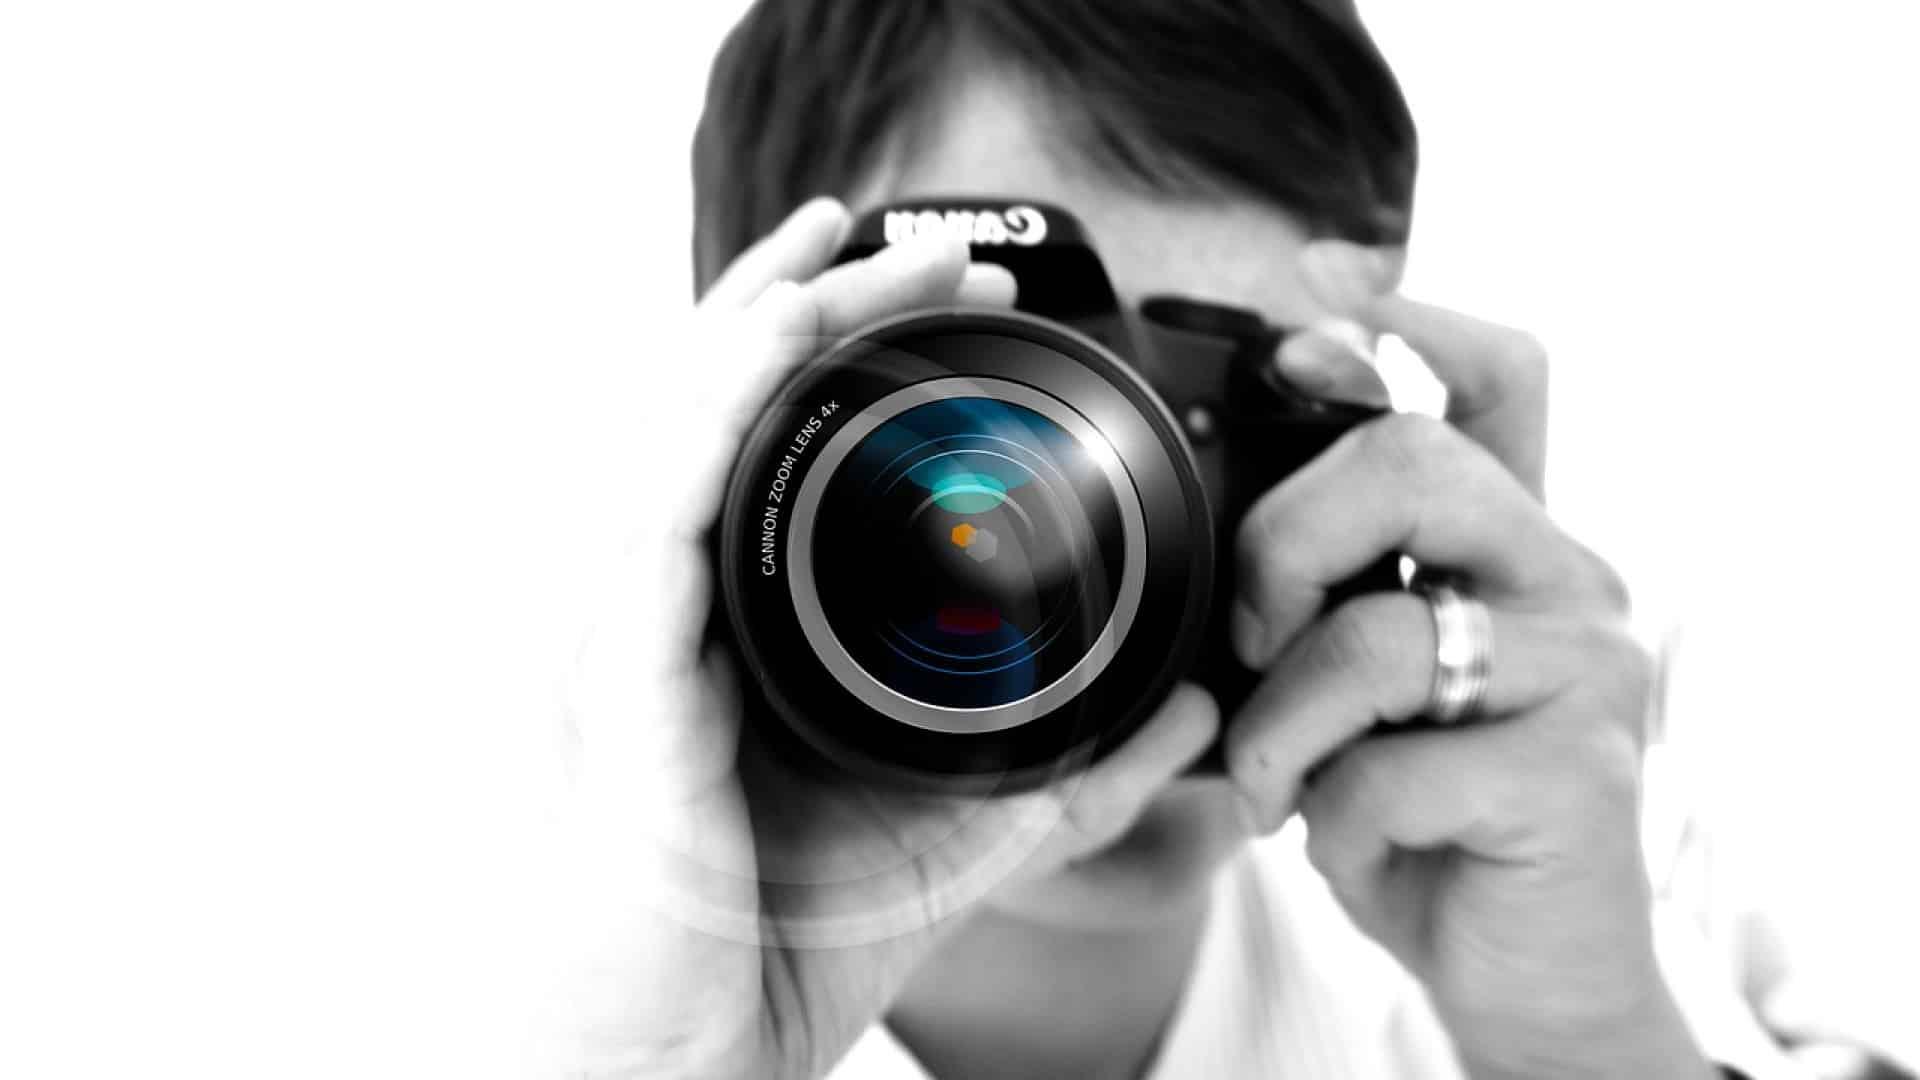 Comment choisir un objectif photo ?